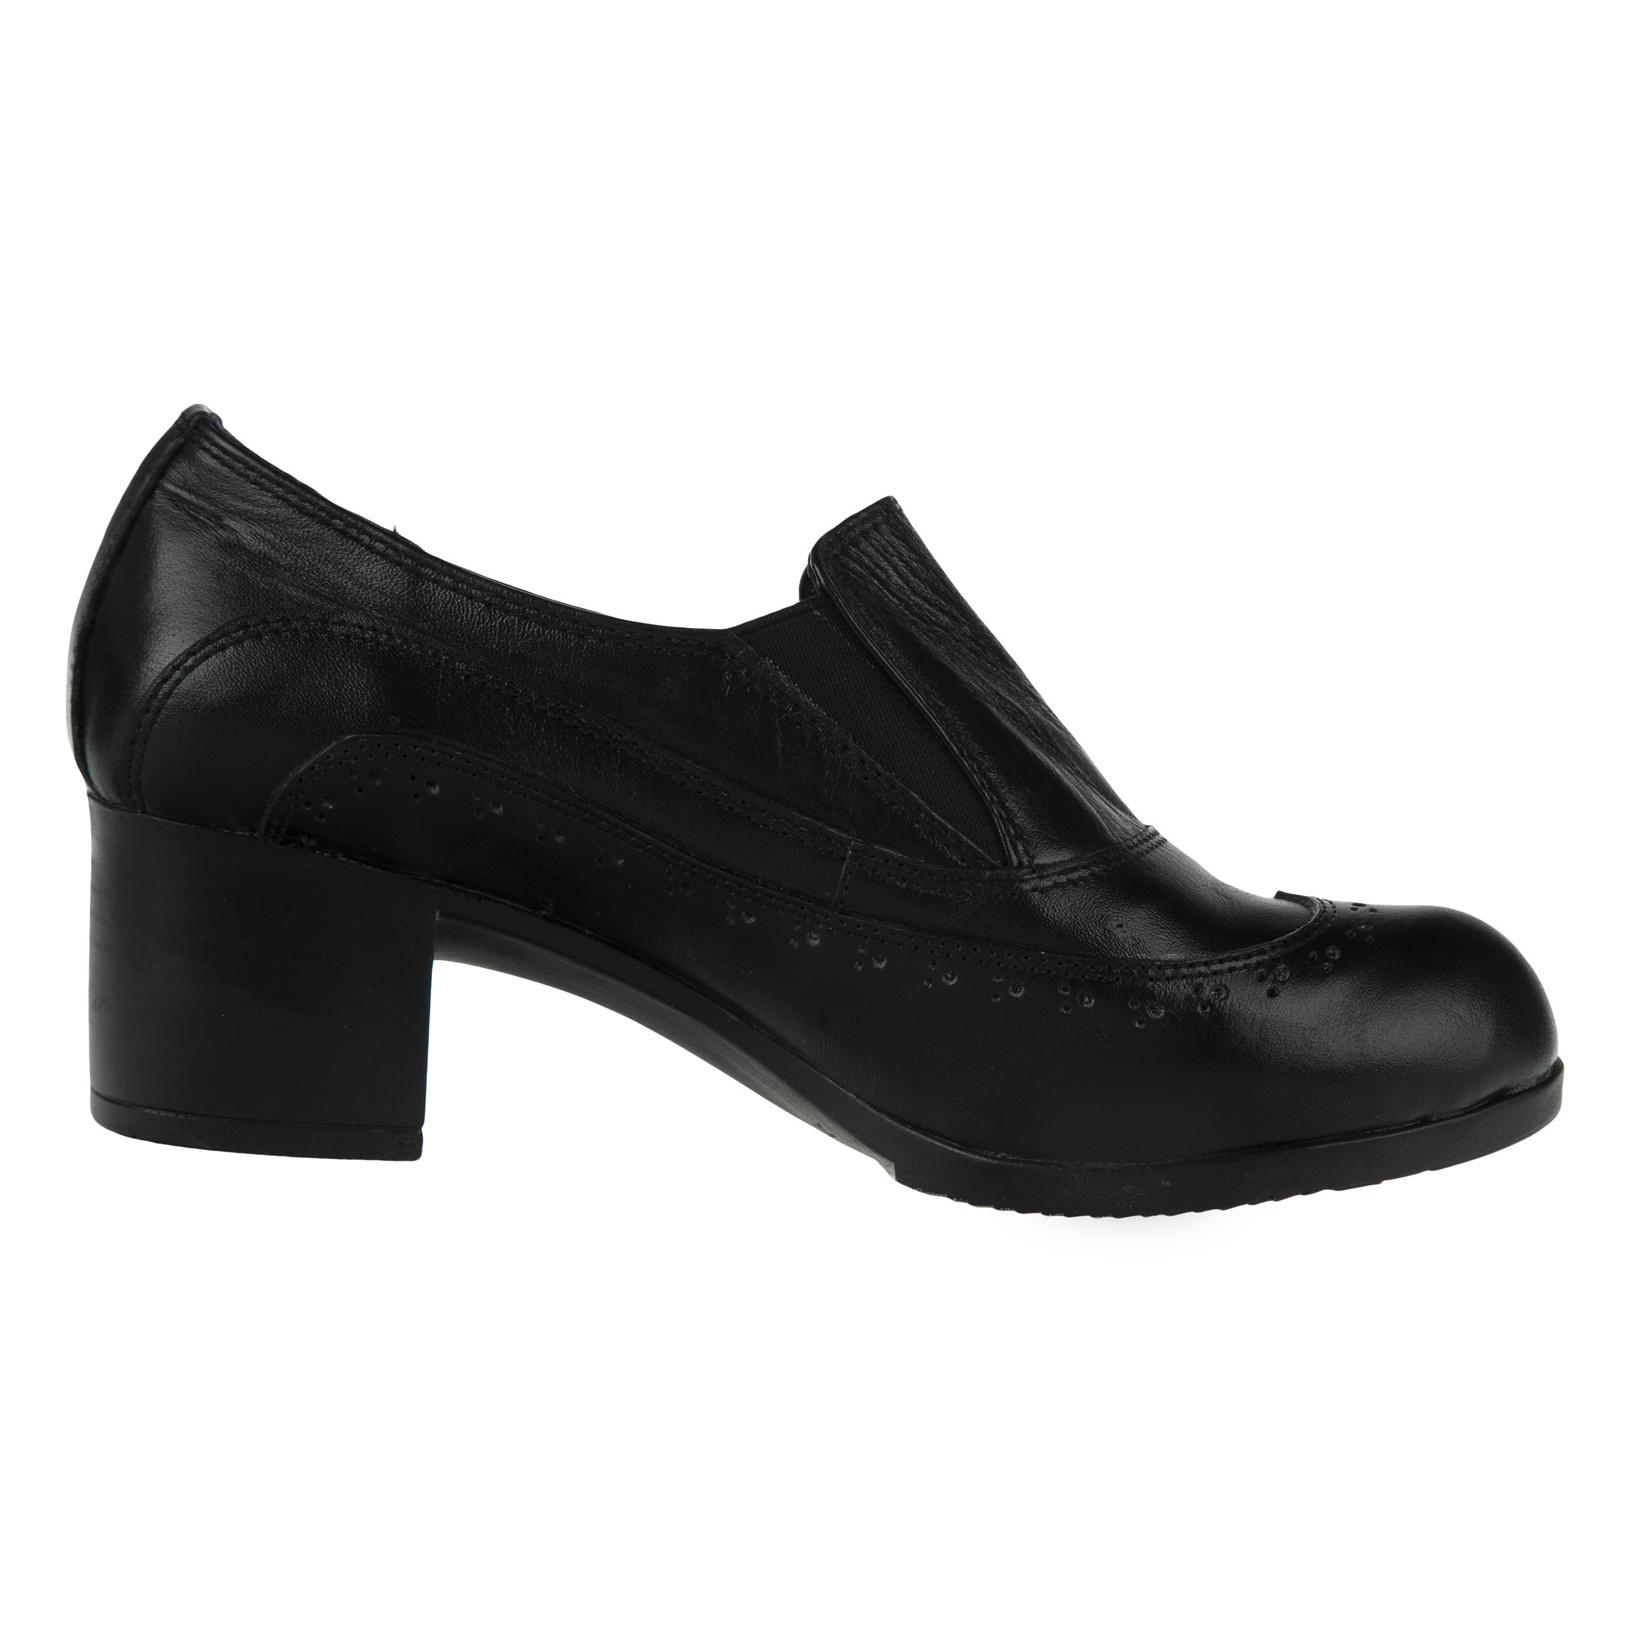 کفش زنانه بلوط مدل BT5144B-101